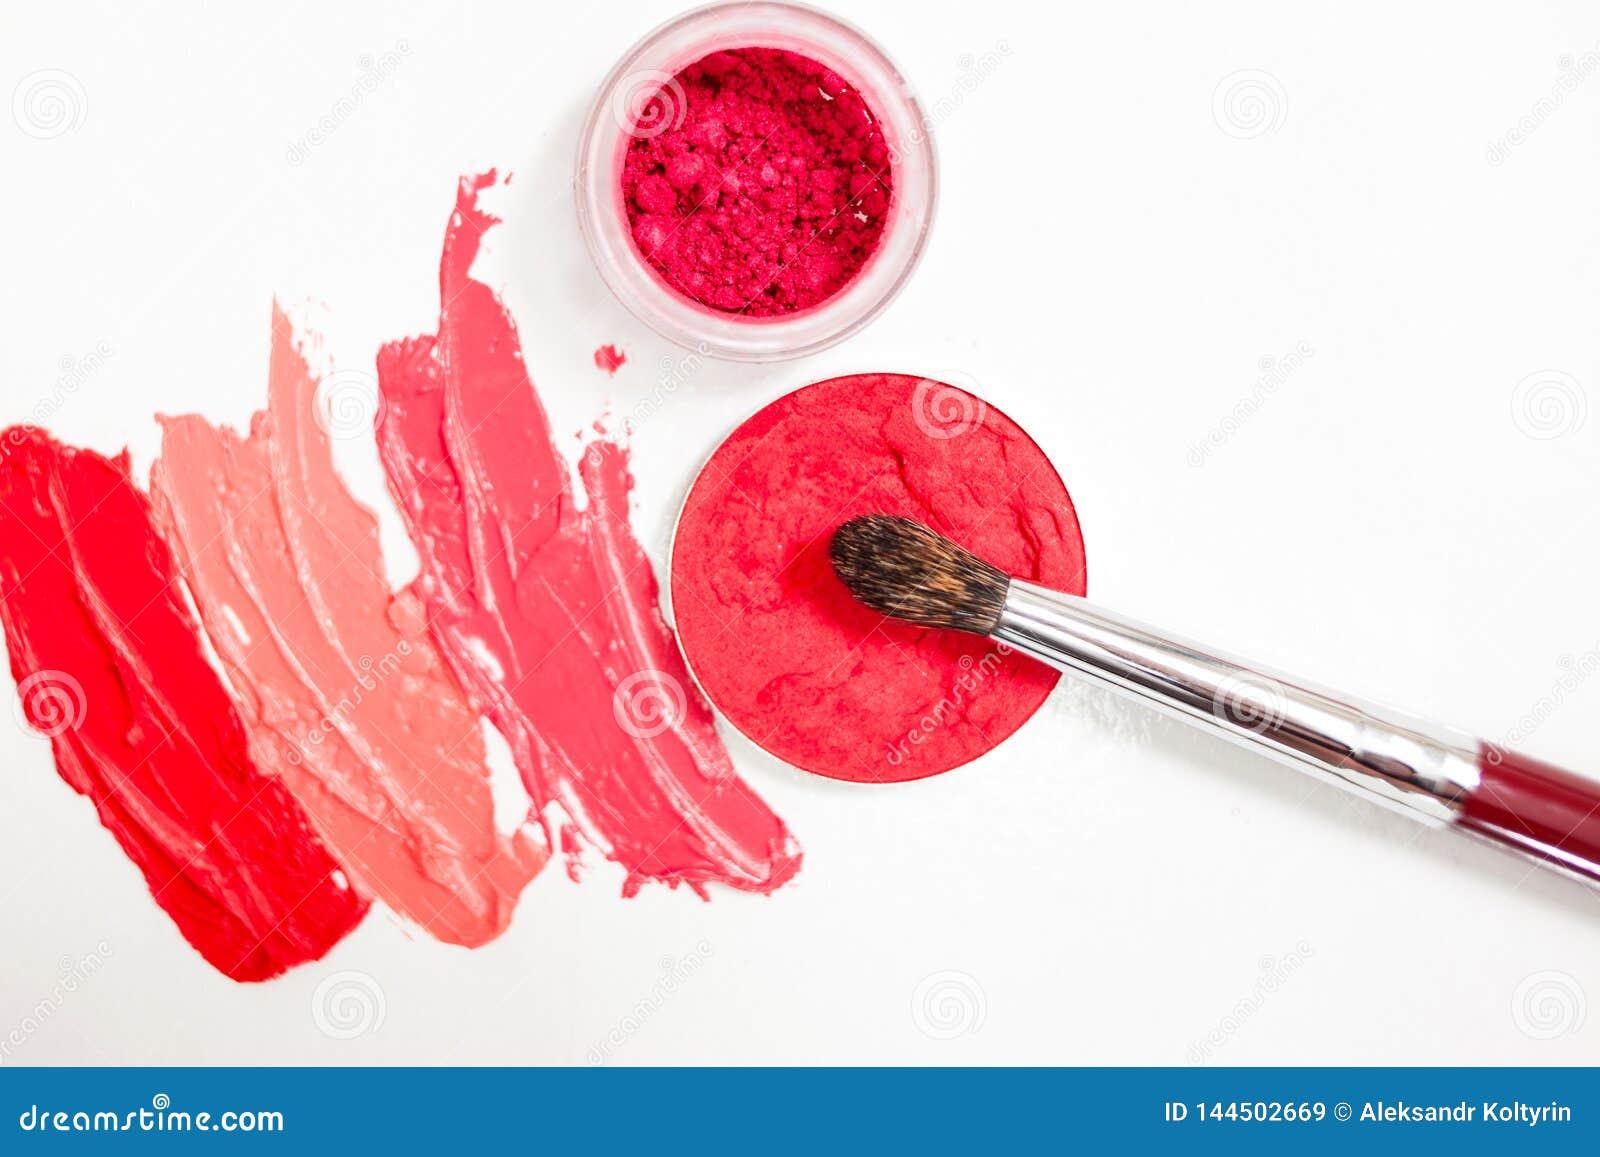 唇膏和唇彩、不同的树荫下落和冲程与刷子的应用和阴影的